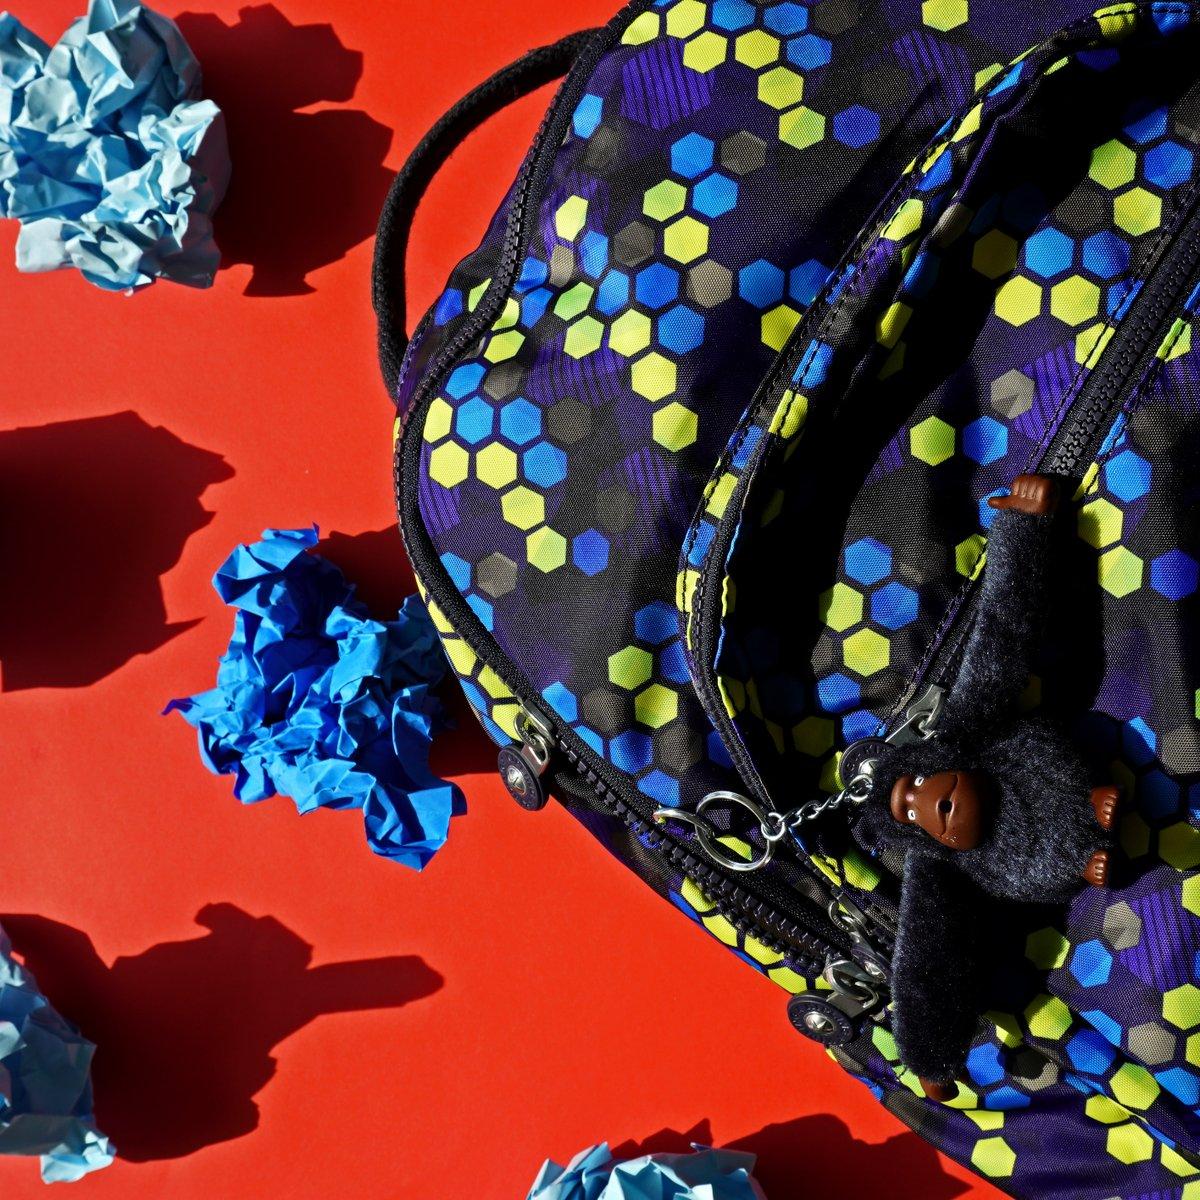 Si eres de cosas prácticas y coloridas, los diseños de @kiplingmexico son tu mejor opción para este regreso a clases. Aprovecha descuentos del 50%. 🦍 🎒 https://t.co/dwbbVkbiYX